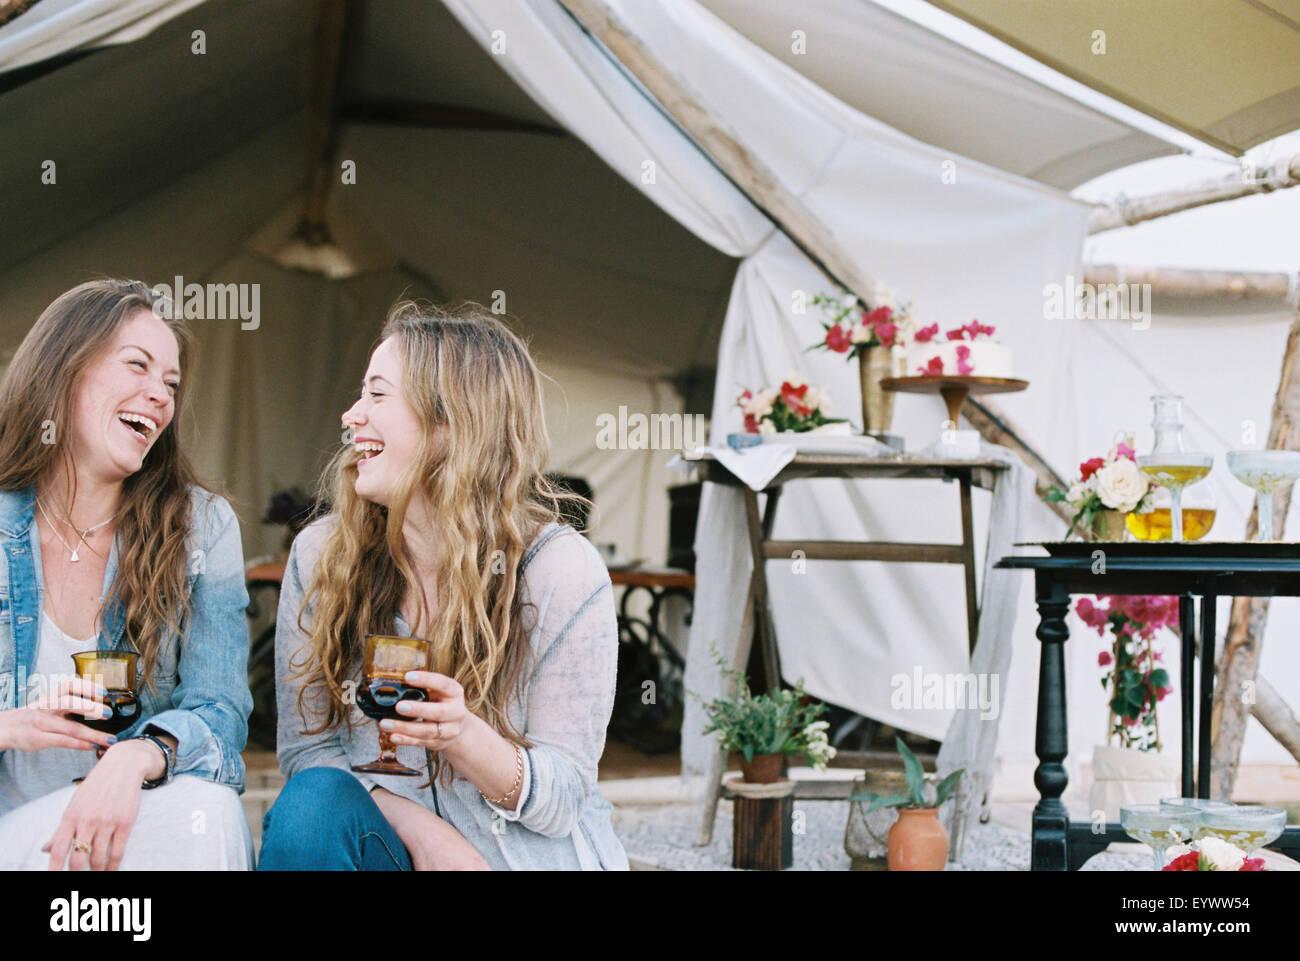 Due donne sorridente seduto fuori una tenda in un deserto, gustando un bicchiere di vino. Immagini Stock